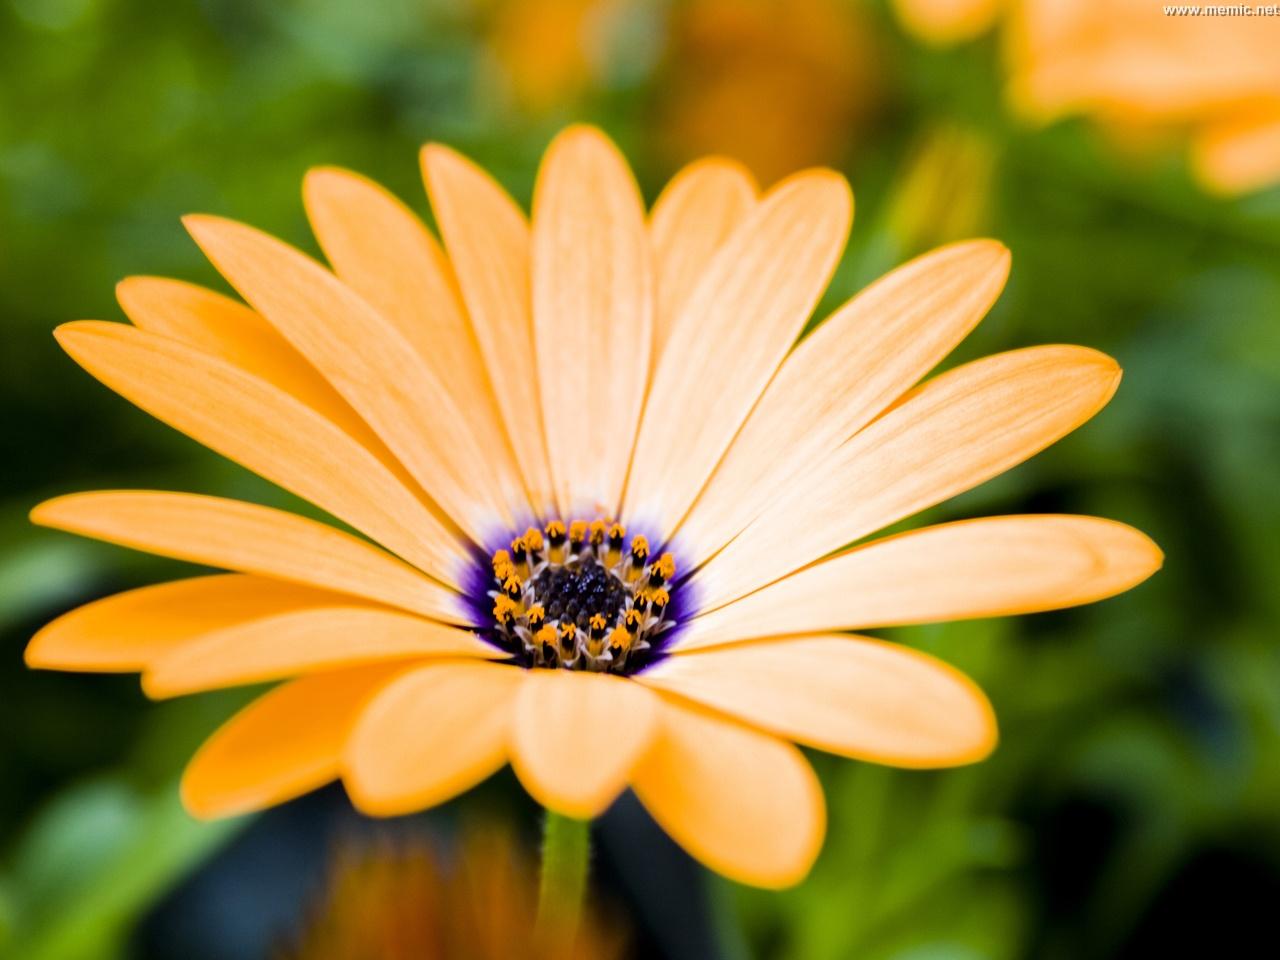 Impollinazione adesso si studia con fiori artificiali for Immagini per desktop fiori